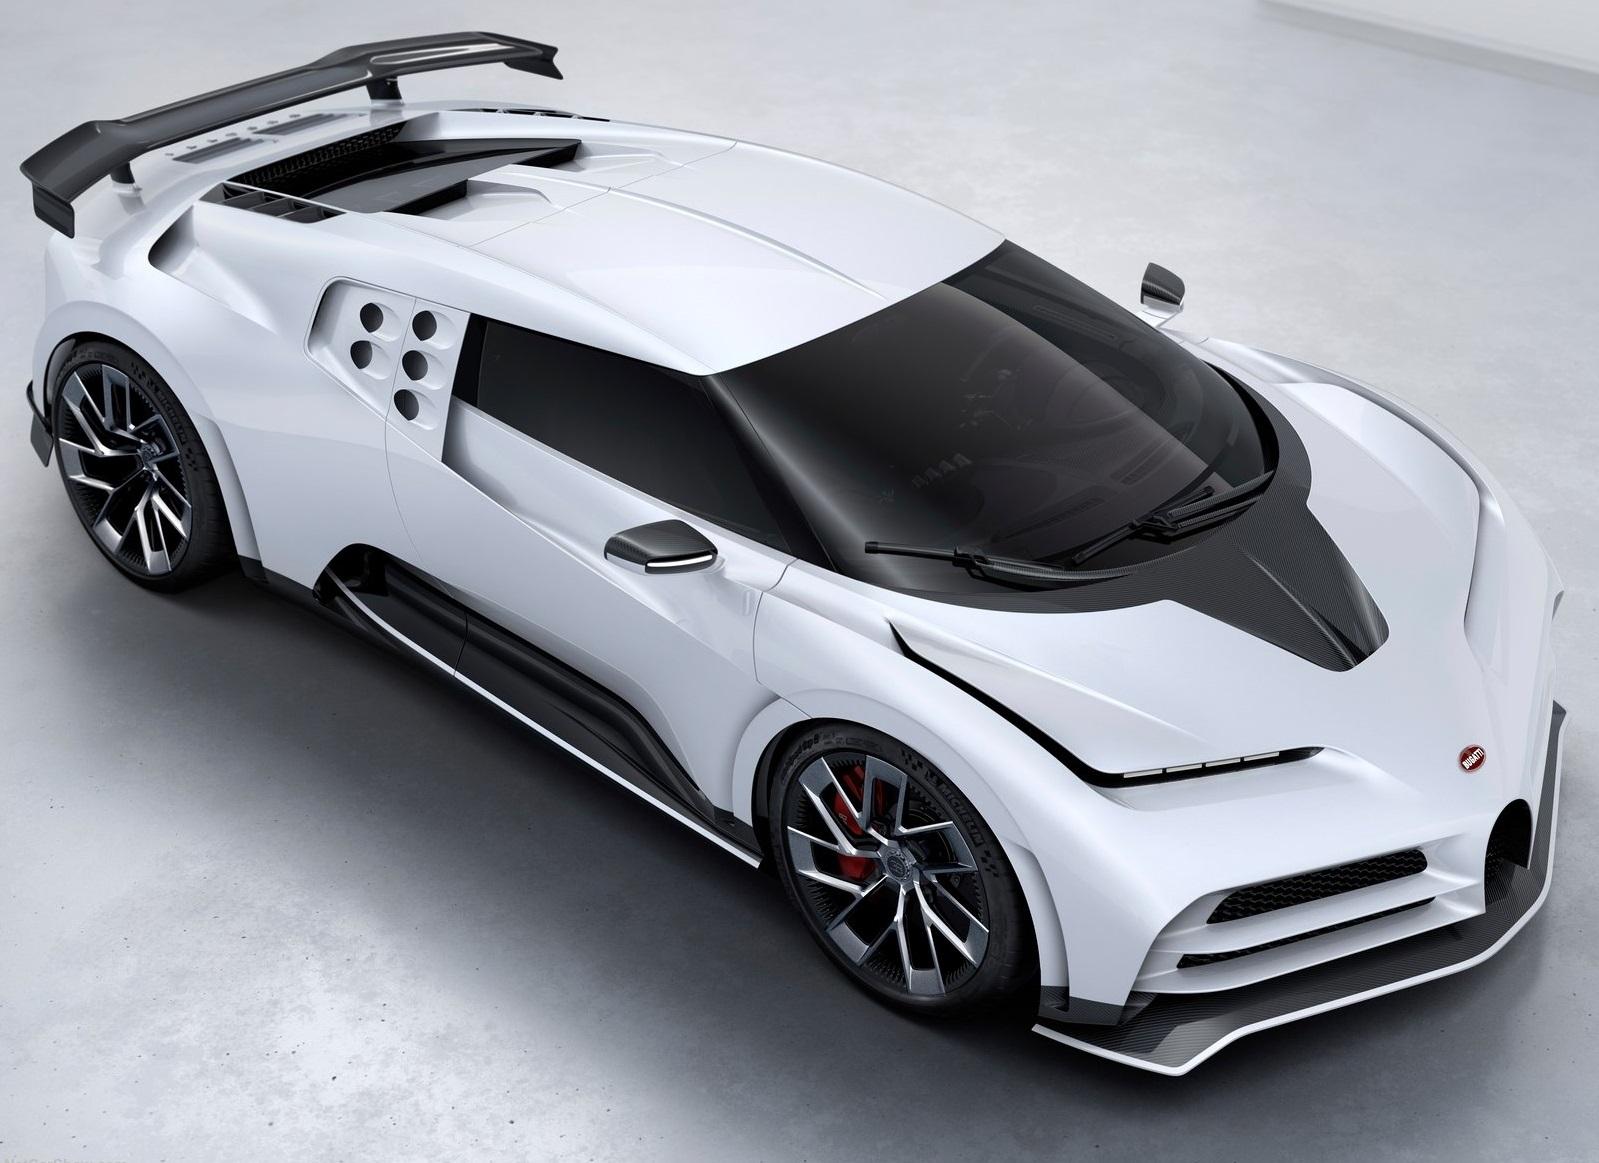 Που σκέφτεται να πουλήσει τη Bugatti ο όμιλος VW;